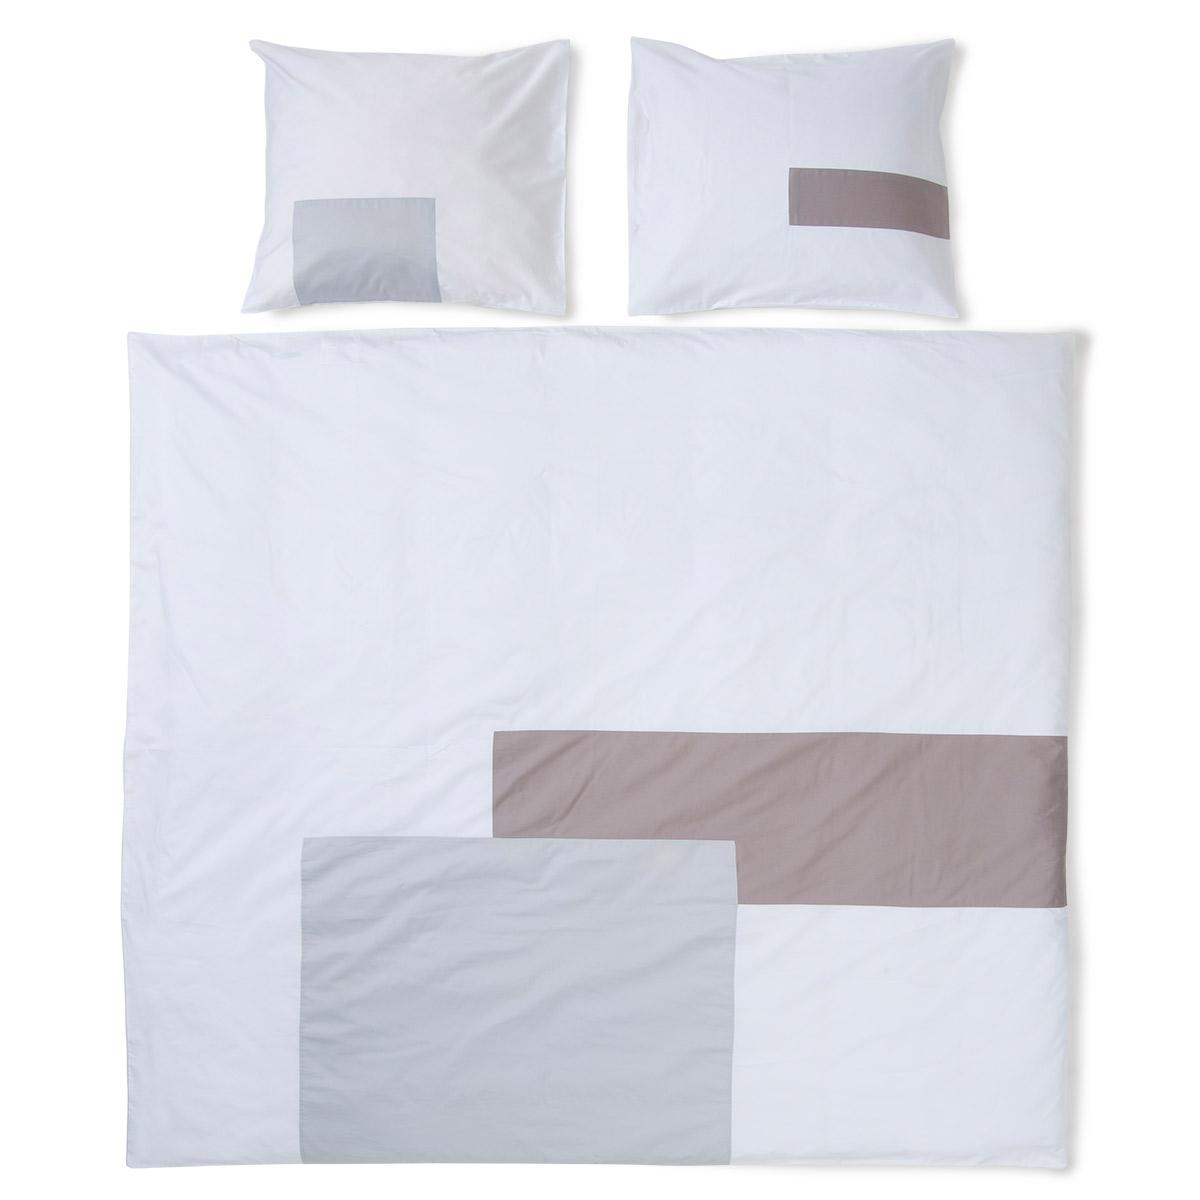 housse de couette mod le rectangle collection 01 gris clair. Black Bedroom Furniture Sets. Home Design Ideas